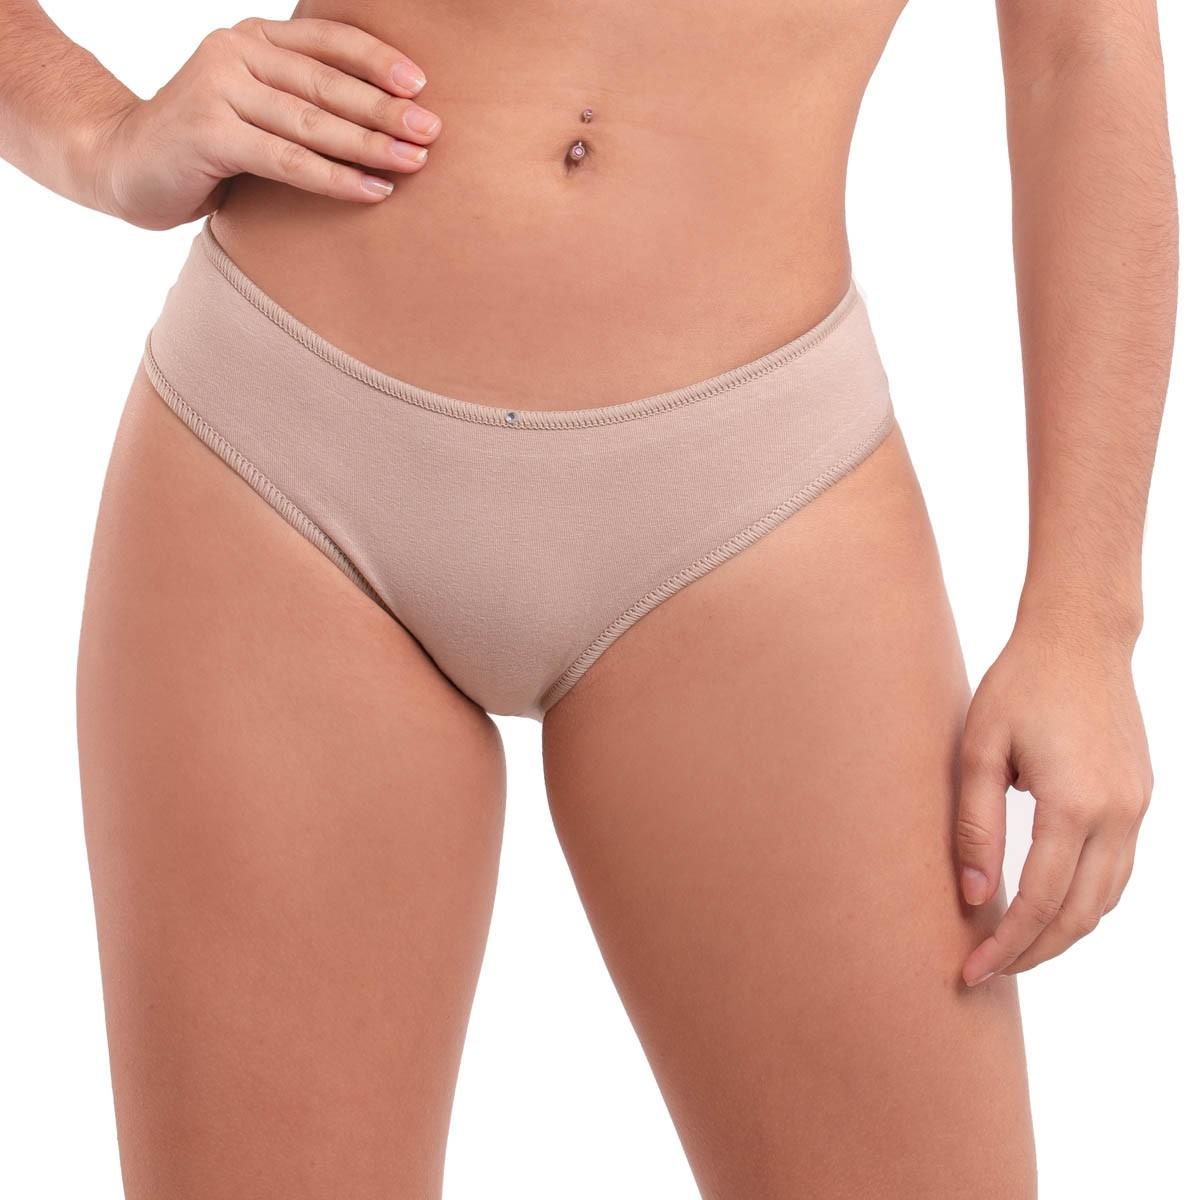 KIT com 3 calcinhas modelo tanga em algodão Diva Donna